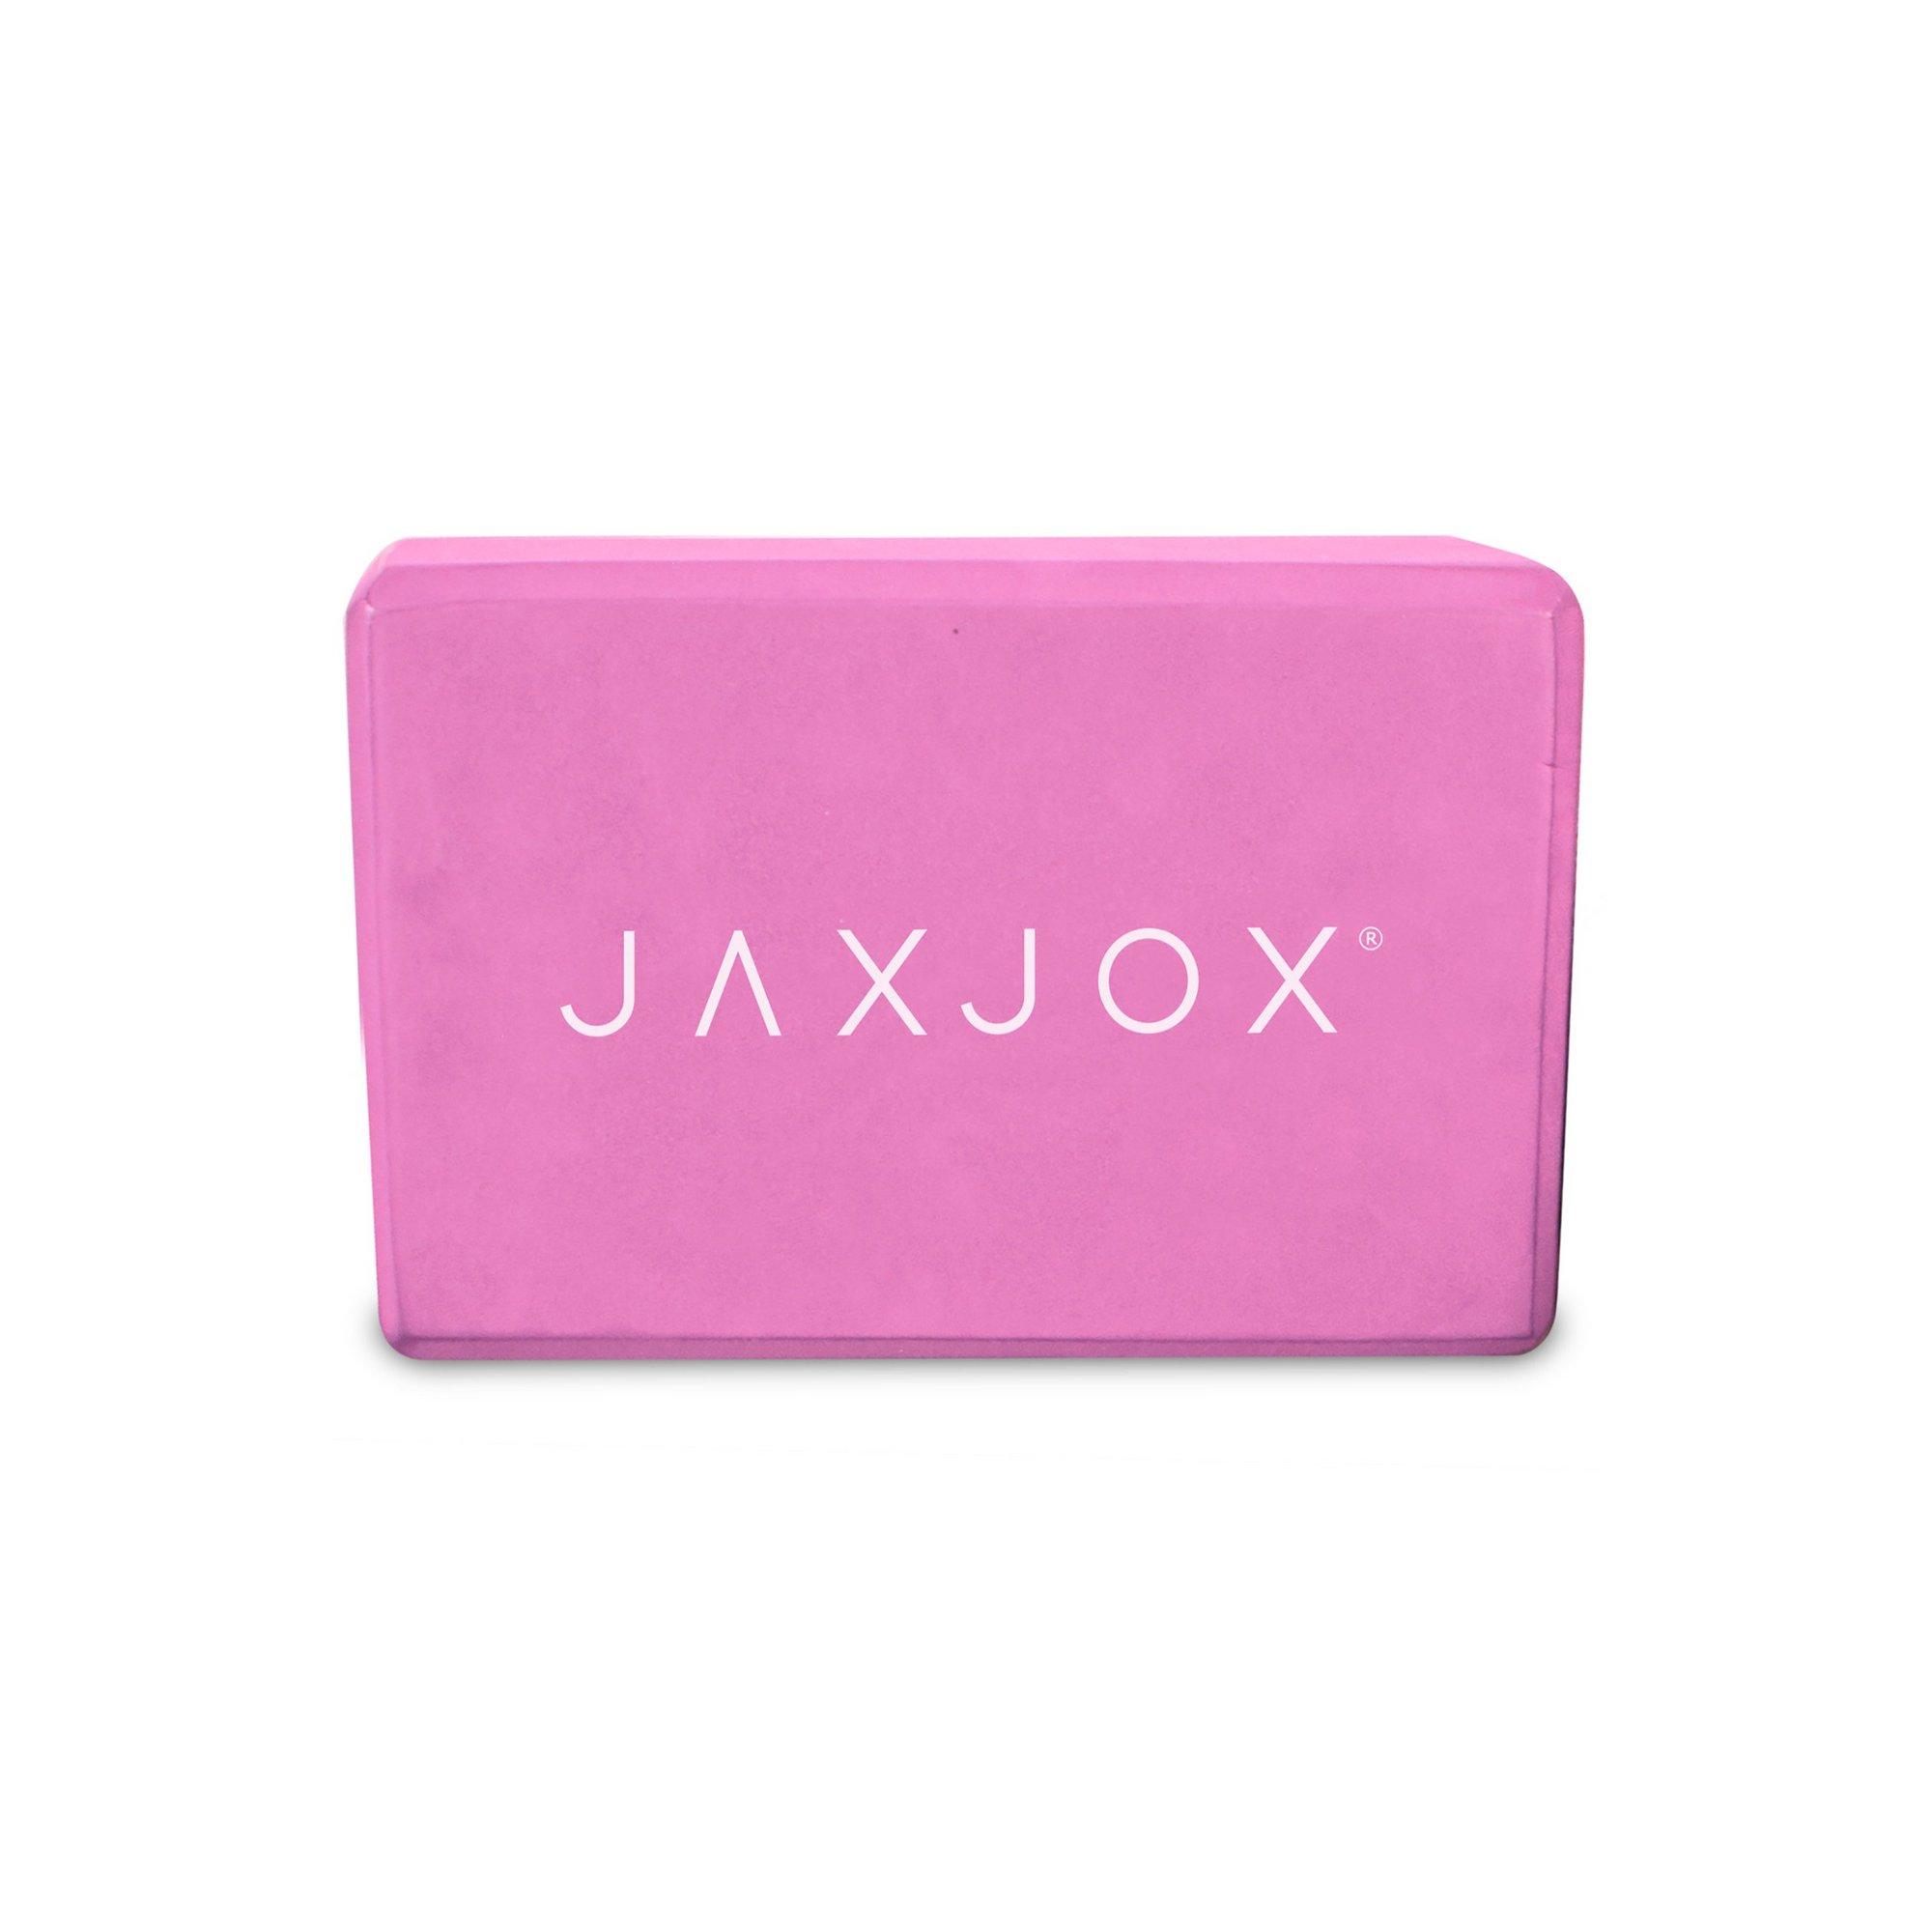 Image of JaxJox EVA Foam Block